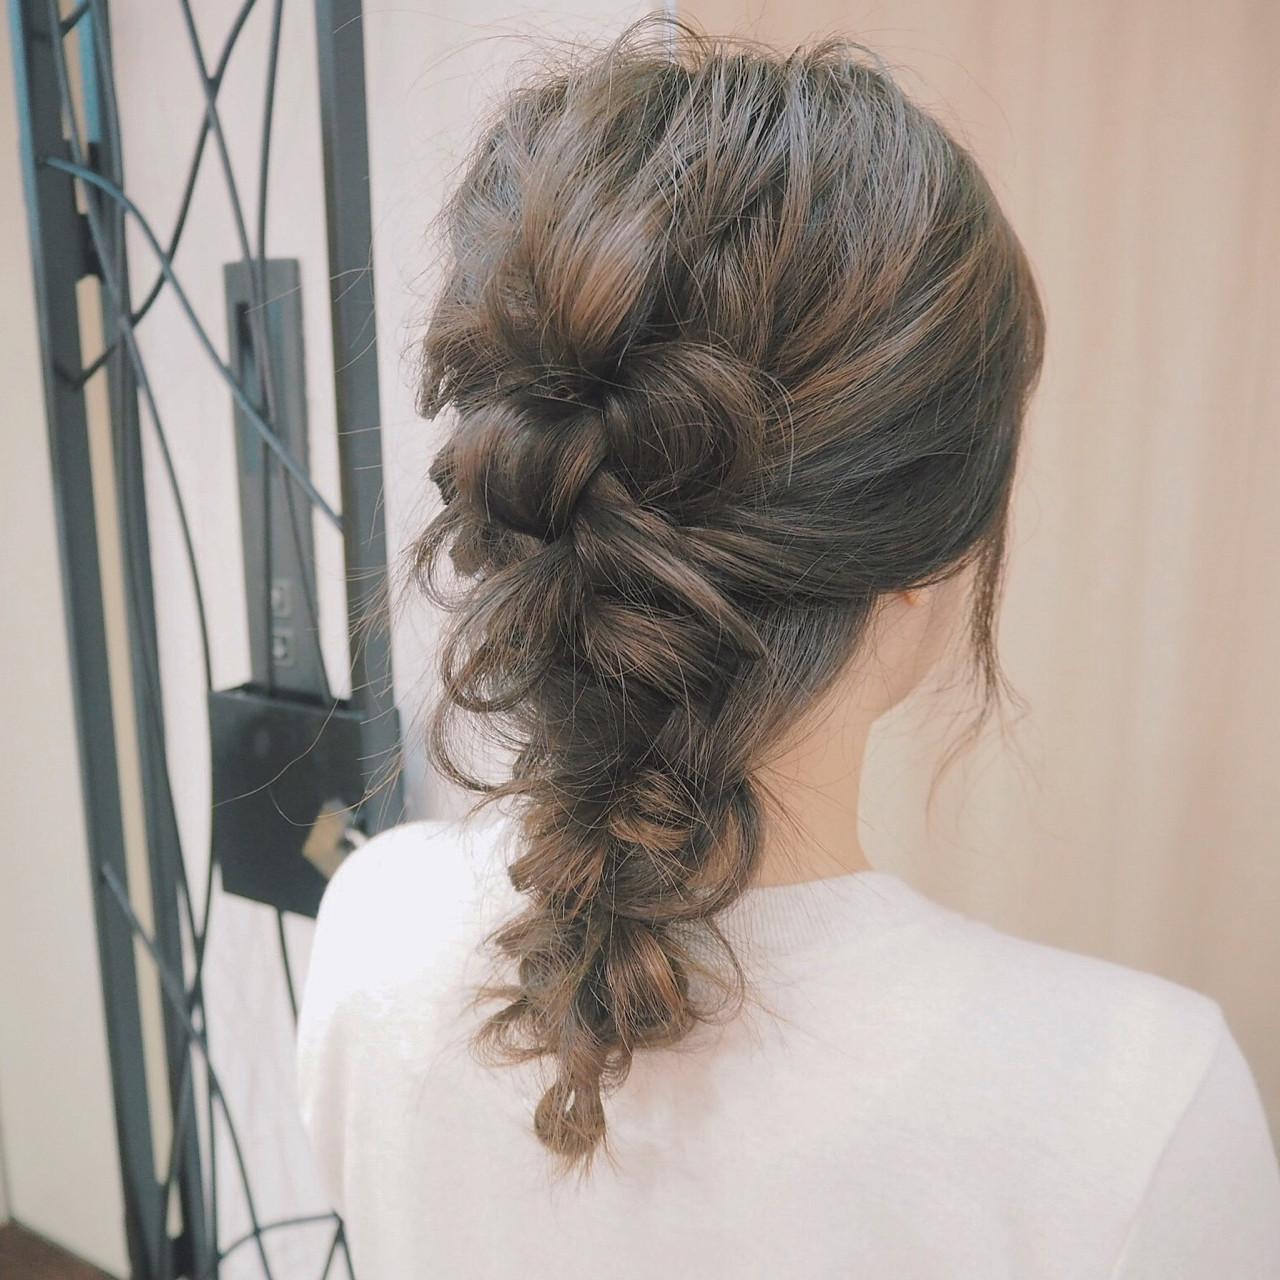 簡単ヘアアレンジ ヘアアレンジ ミディアム 編み込み ヘアスタイルや髪型の写真・画像